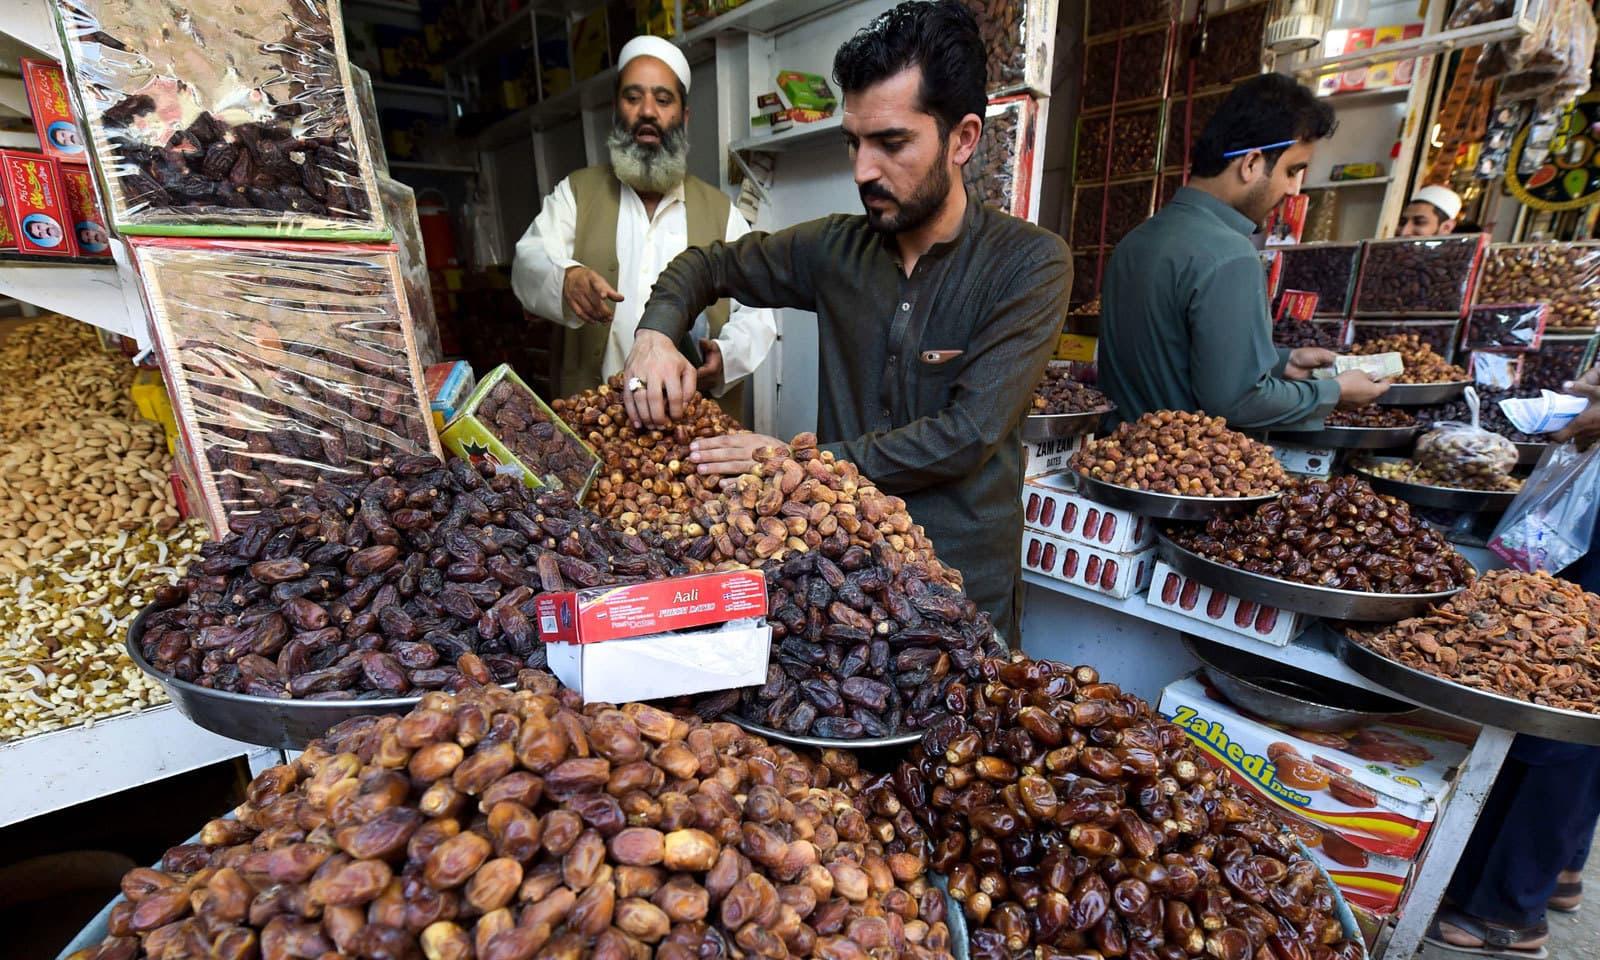 ماہ رمضان آتے ہی کھجور کی فروخت بھی عروج پر پہنچ گئی ہے — فوٹو: اے ایف پی